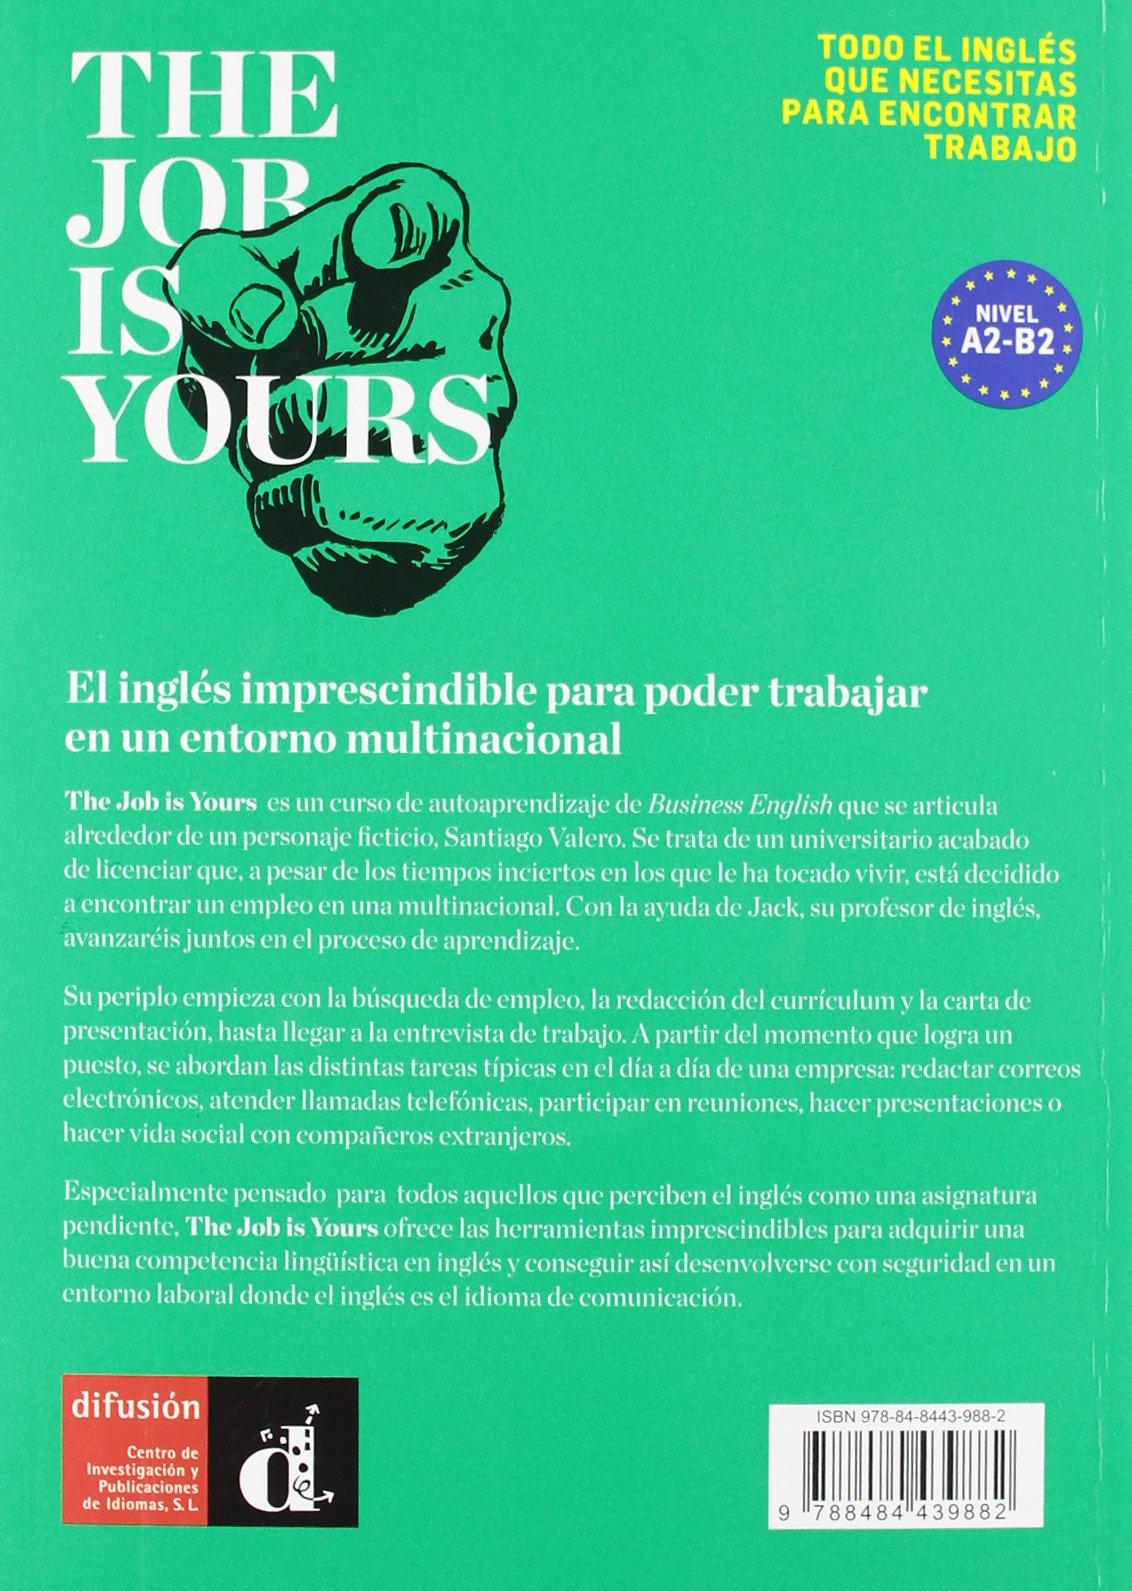 The Job is Yours (Pons - En La Empresa): Amazon.es: Jeff Judge: Libros